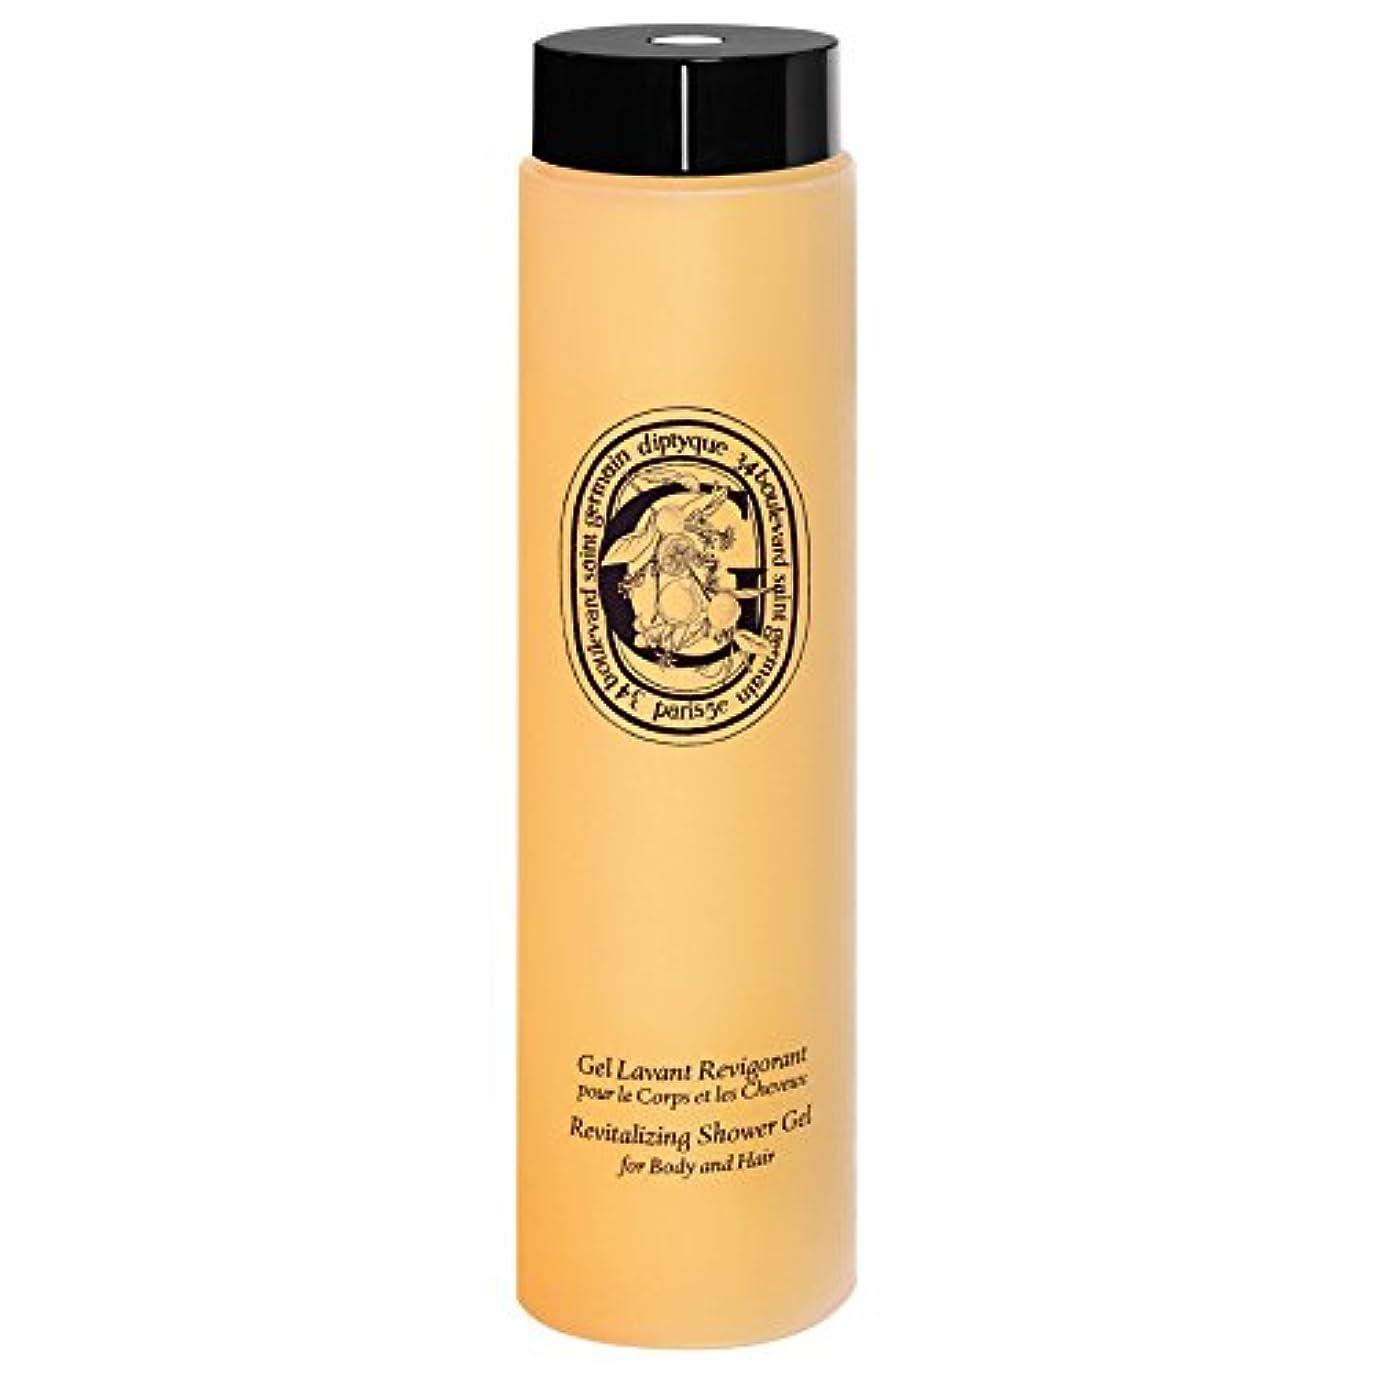 マイルド未接続アラブ人[Diptyque] ボディ、ヘア200ミリリットルのためDiptyqueのリバイタライジングシャワージェル - Diptyque Revitalising Shower Gel For Body And Hair 200ml [並行輸入品]